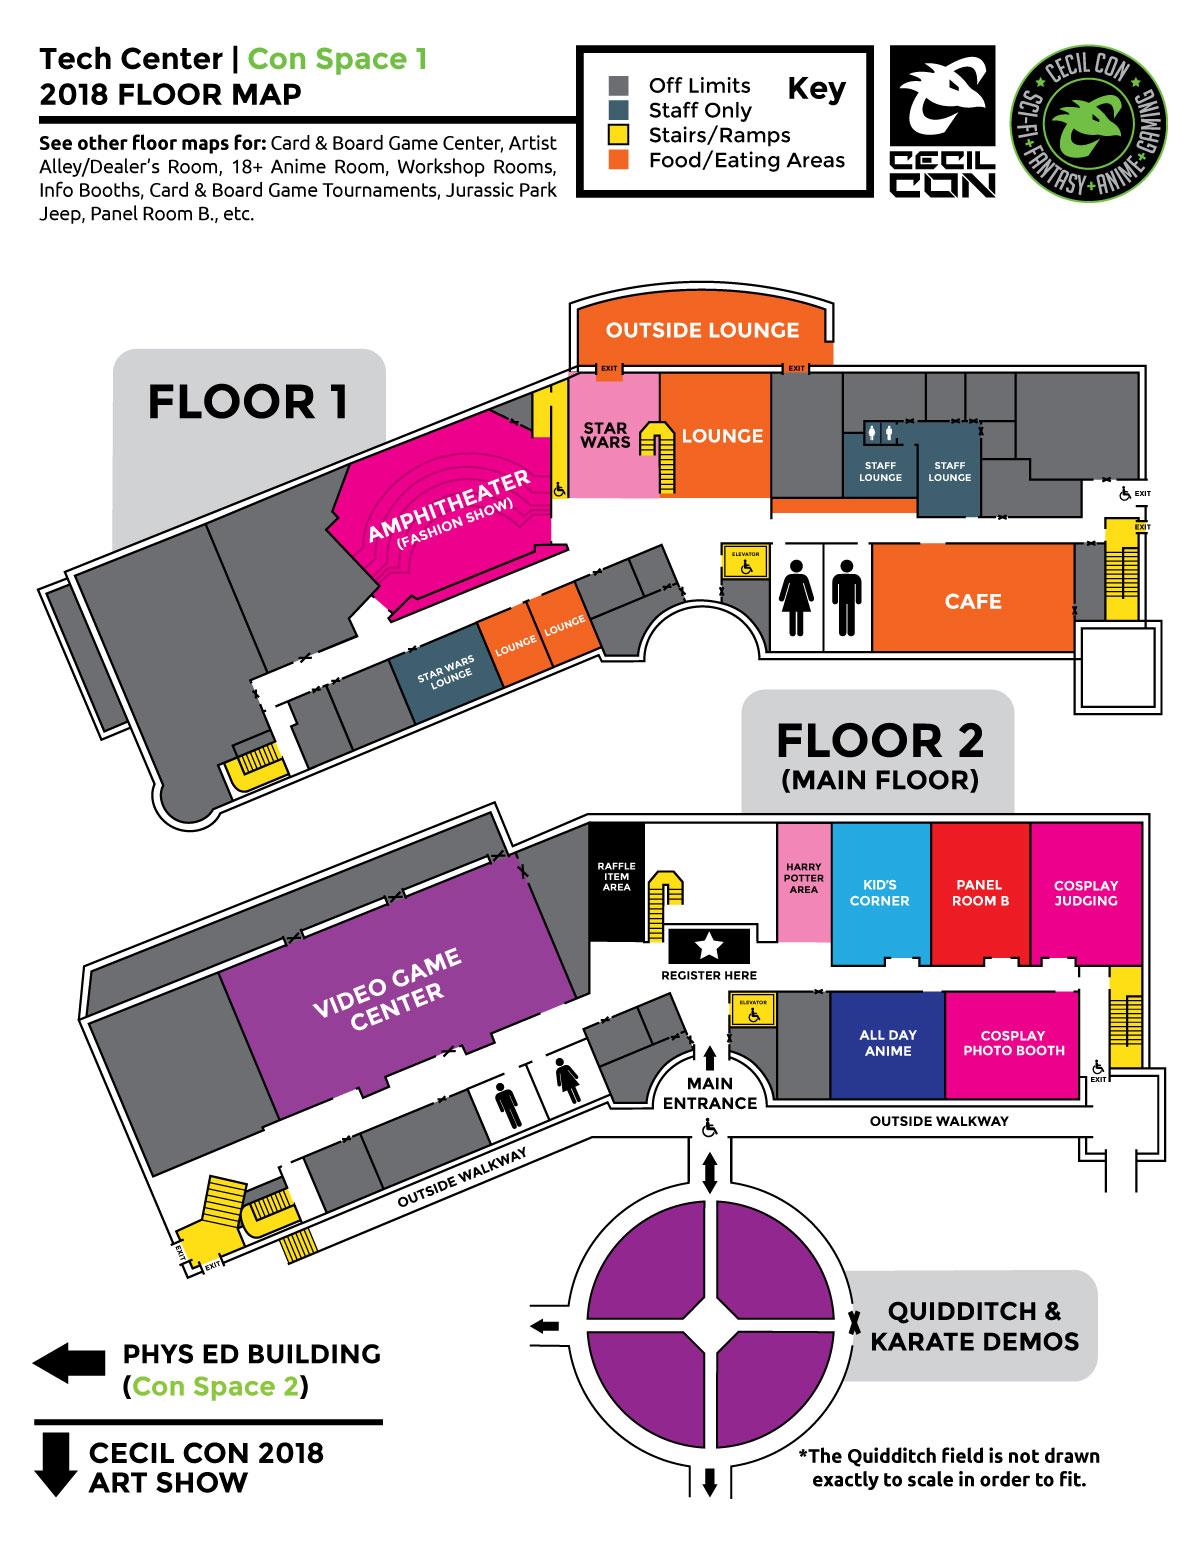 Cecil Con 2018 Tech Center Floor Map